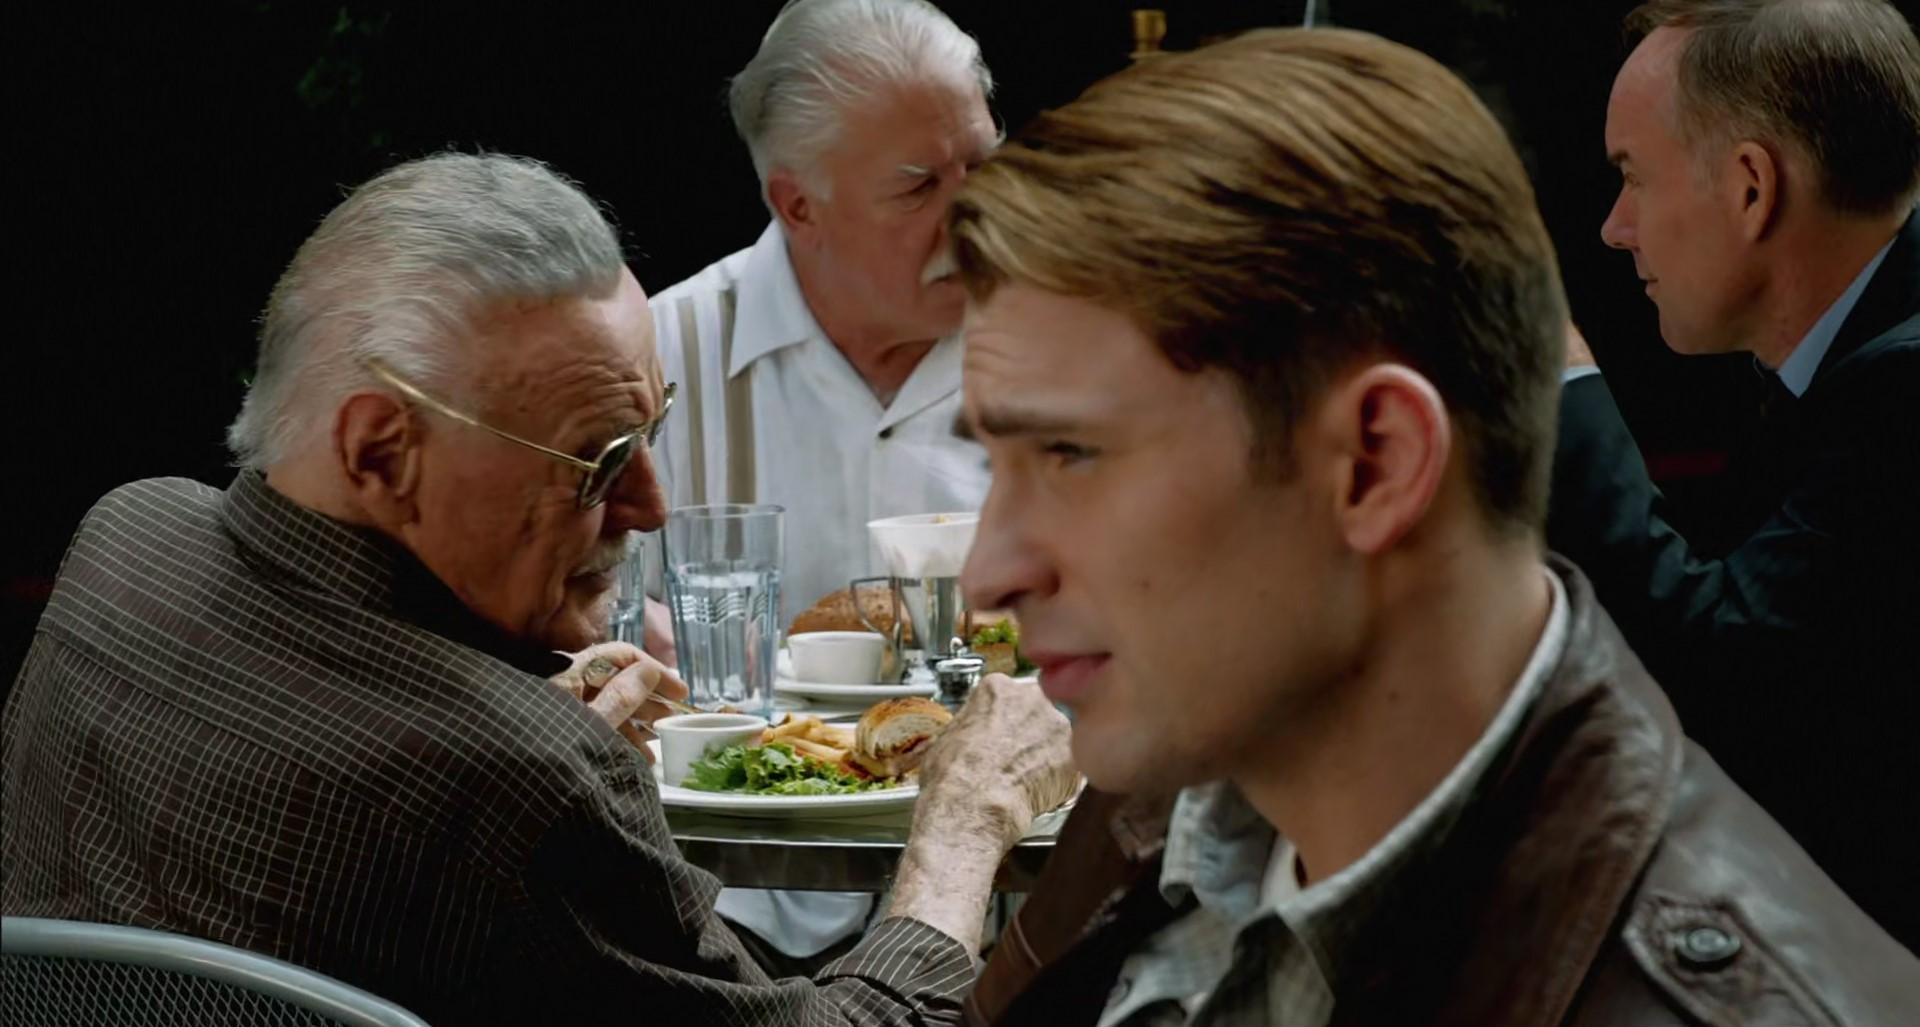 File:The-avengers-deleted-scene-sad-captain-america.jpg